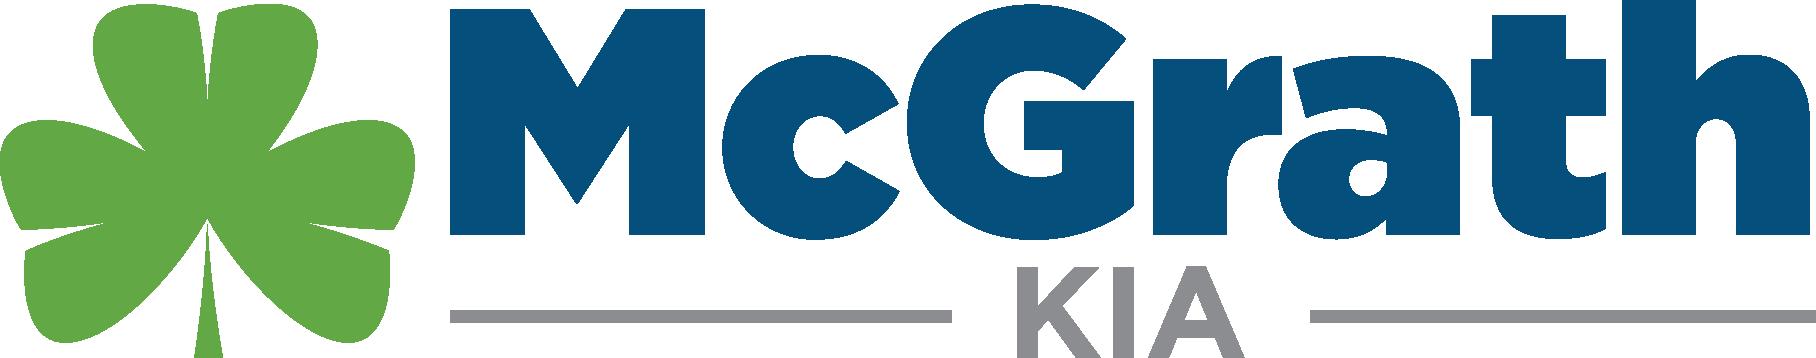 Pat Mcgrath Chevyland >> McGrath Logos - J.W. Morton & Associates Client Area